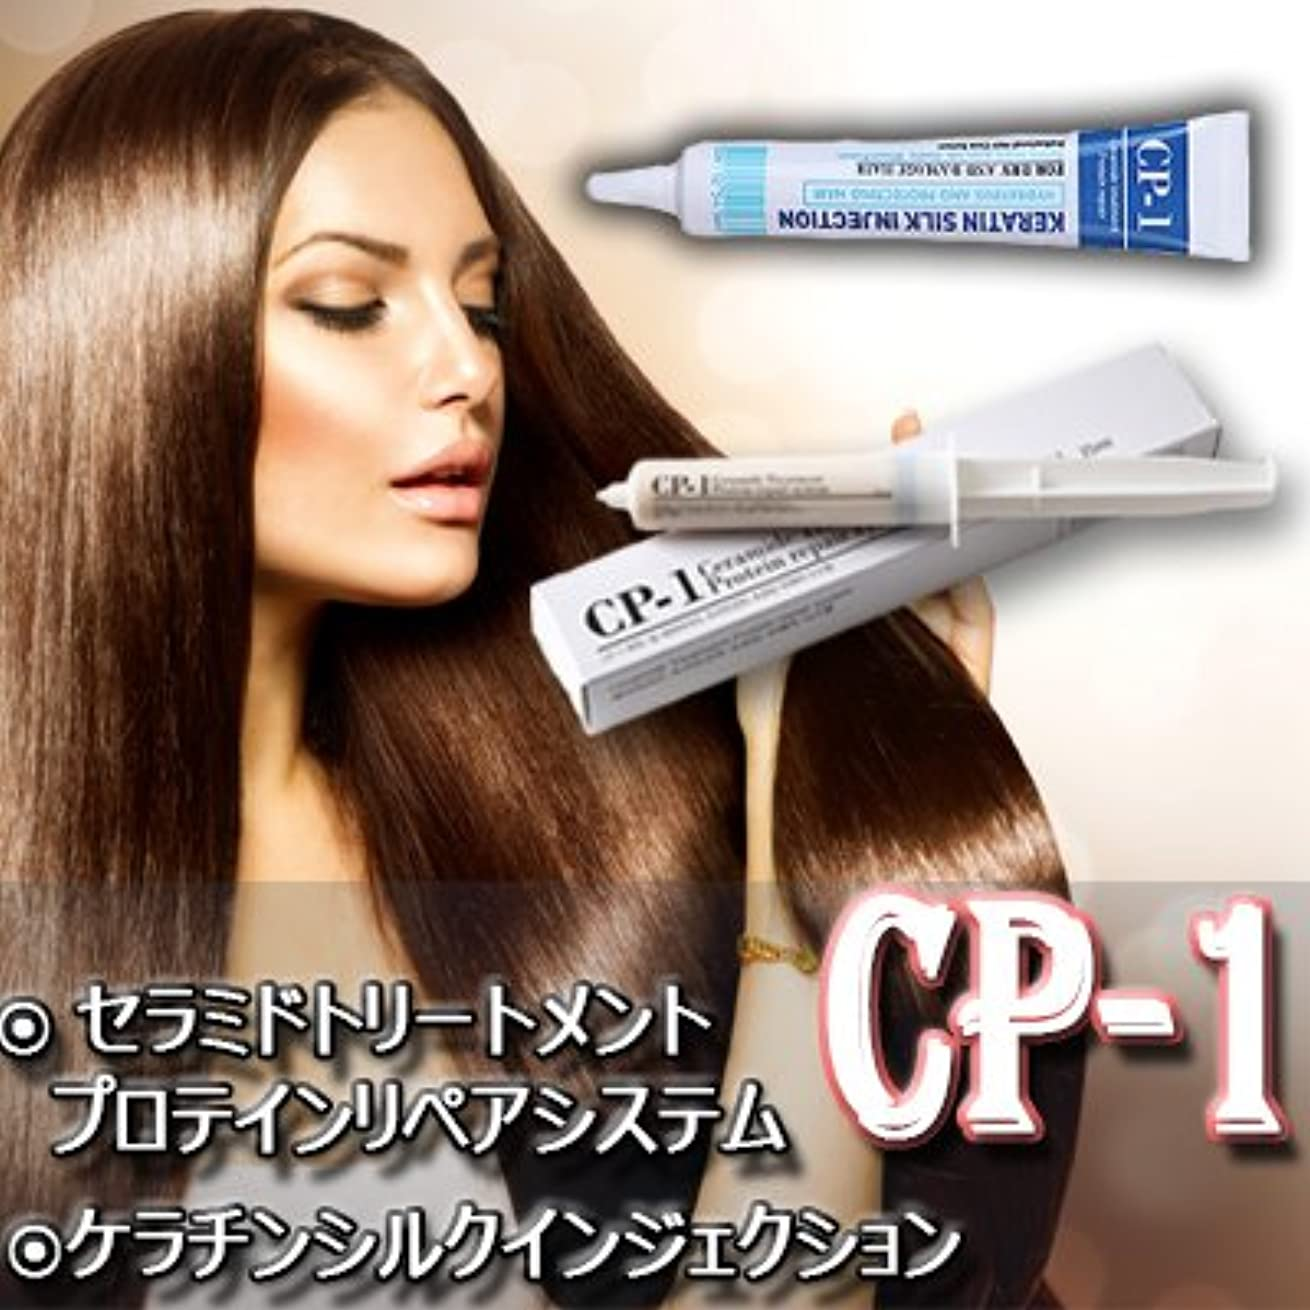 予備抜粋西部[CP-1 Keratin 10pcs 1タンパク質アンプル] 洗いながすことなく塗るだけOK!毎日使用してください!【10個入り】